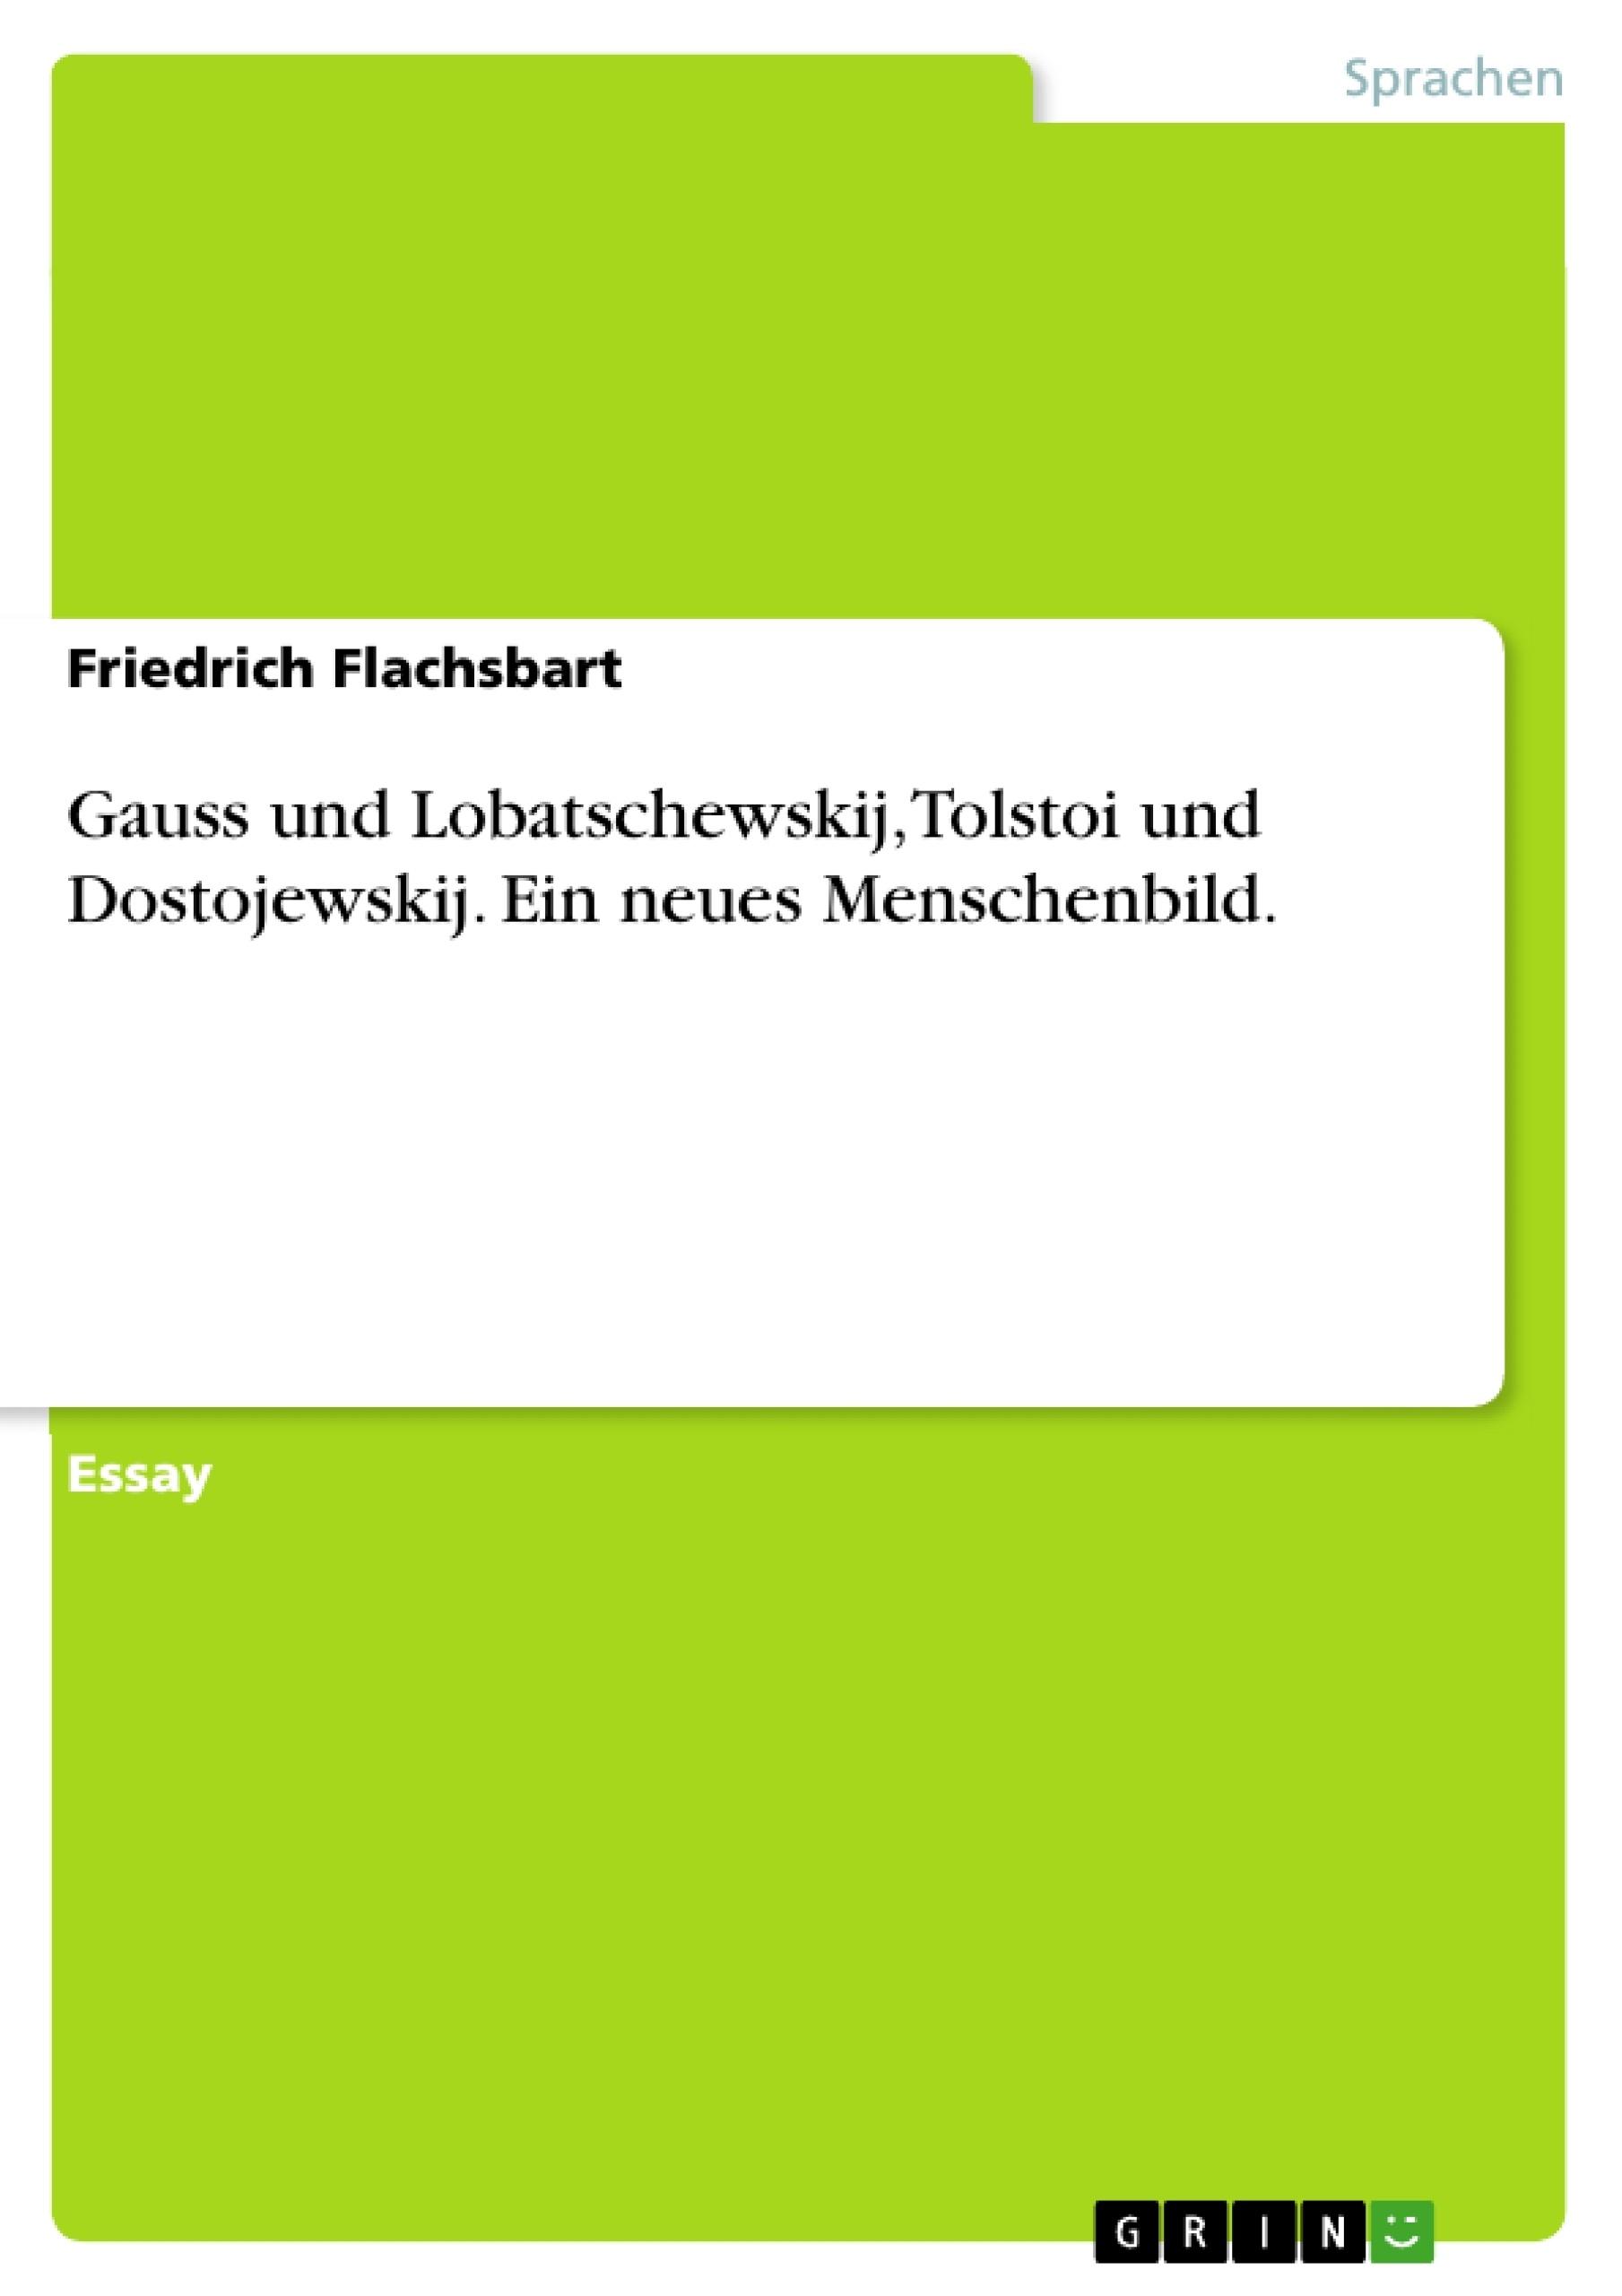 Titel: Gauss und Lobatschewskij, Tolstoi und Dostojewskij. Ein neues Menschenbild.